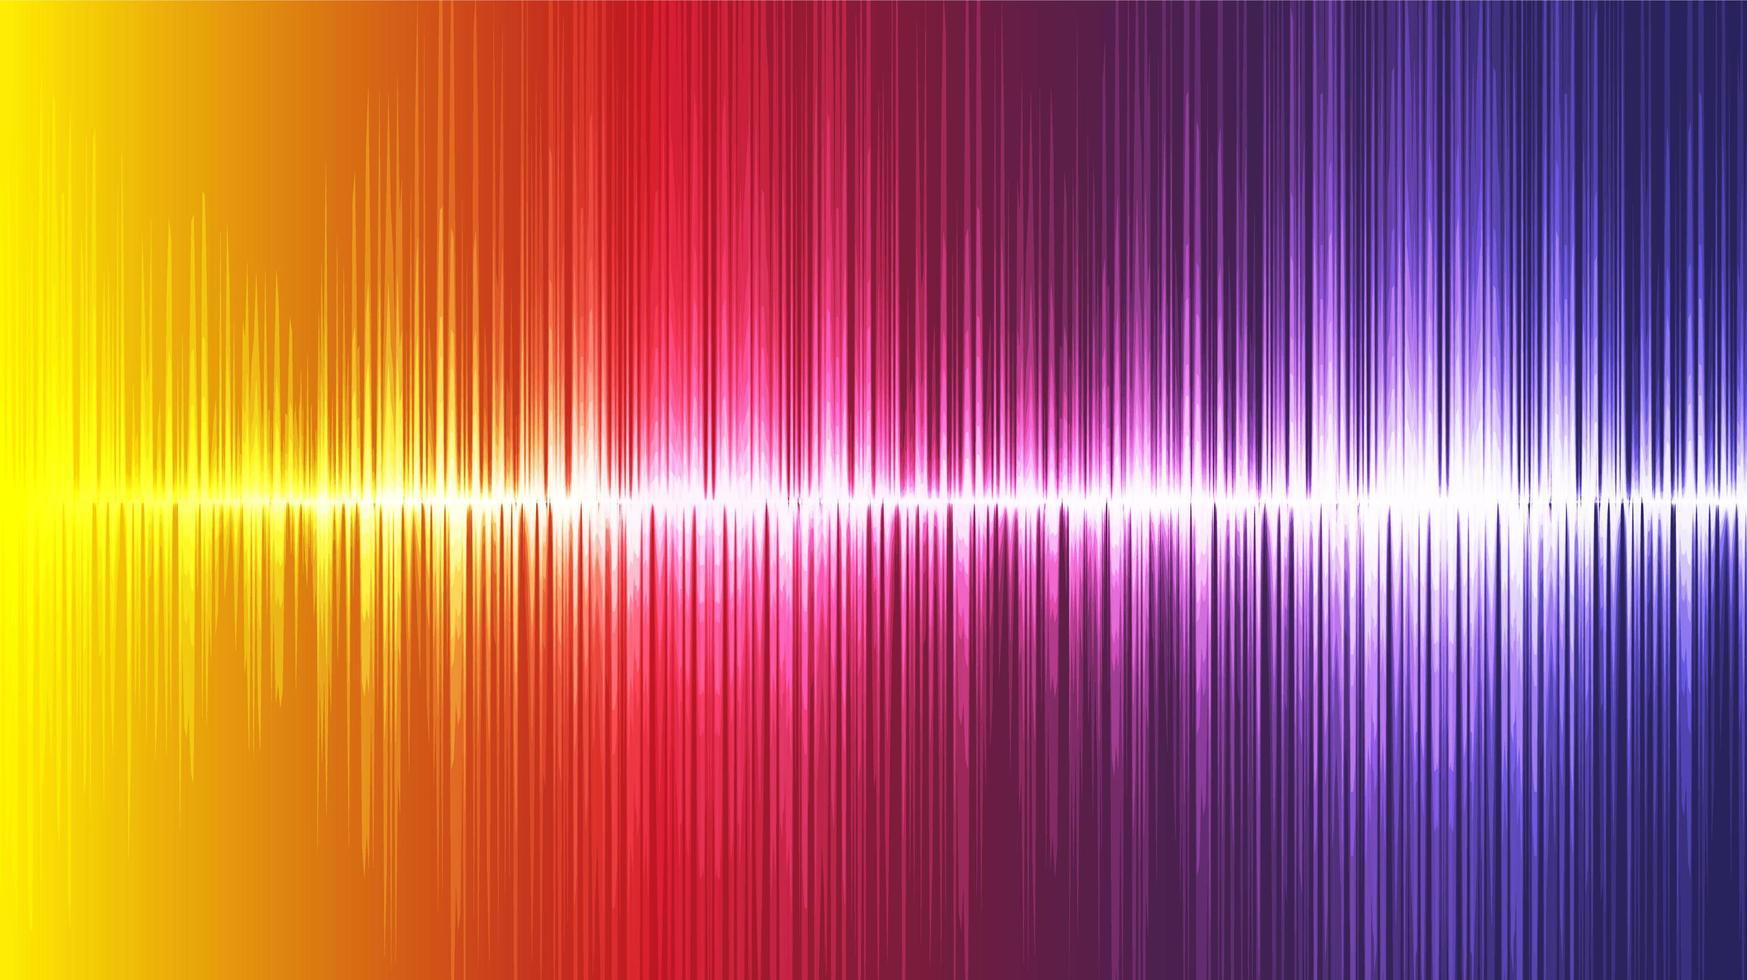 kleurrijke ultrasone geluidsgolfachtergrond, technologie en aardbevingsgolfdiagramconcept vector